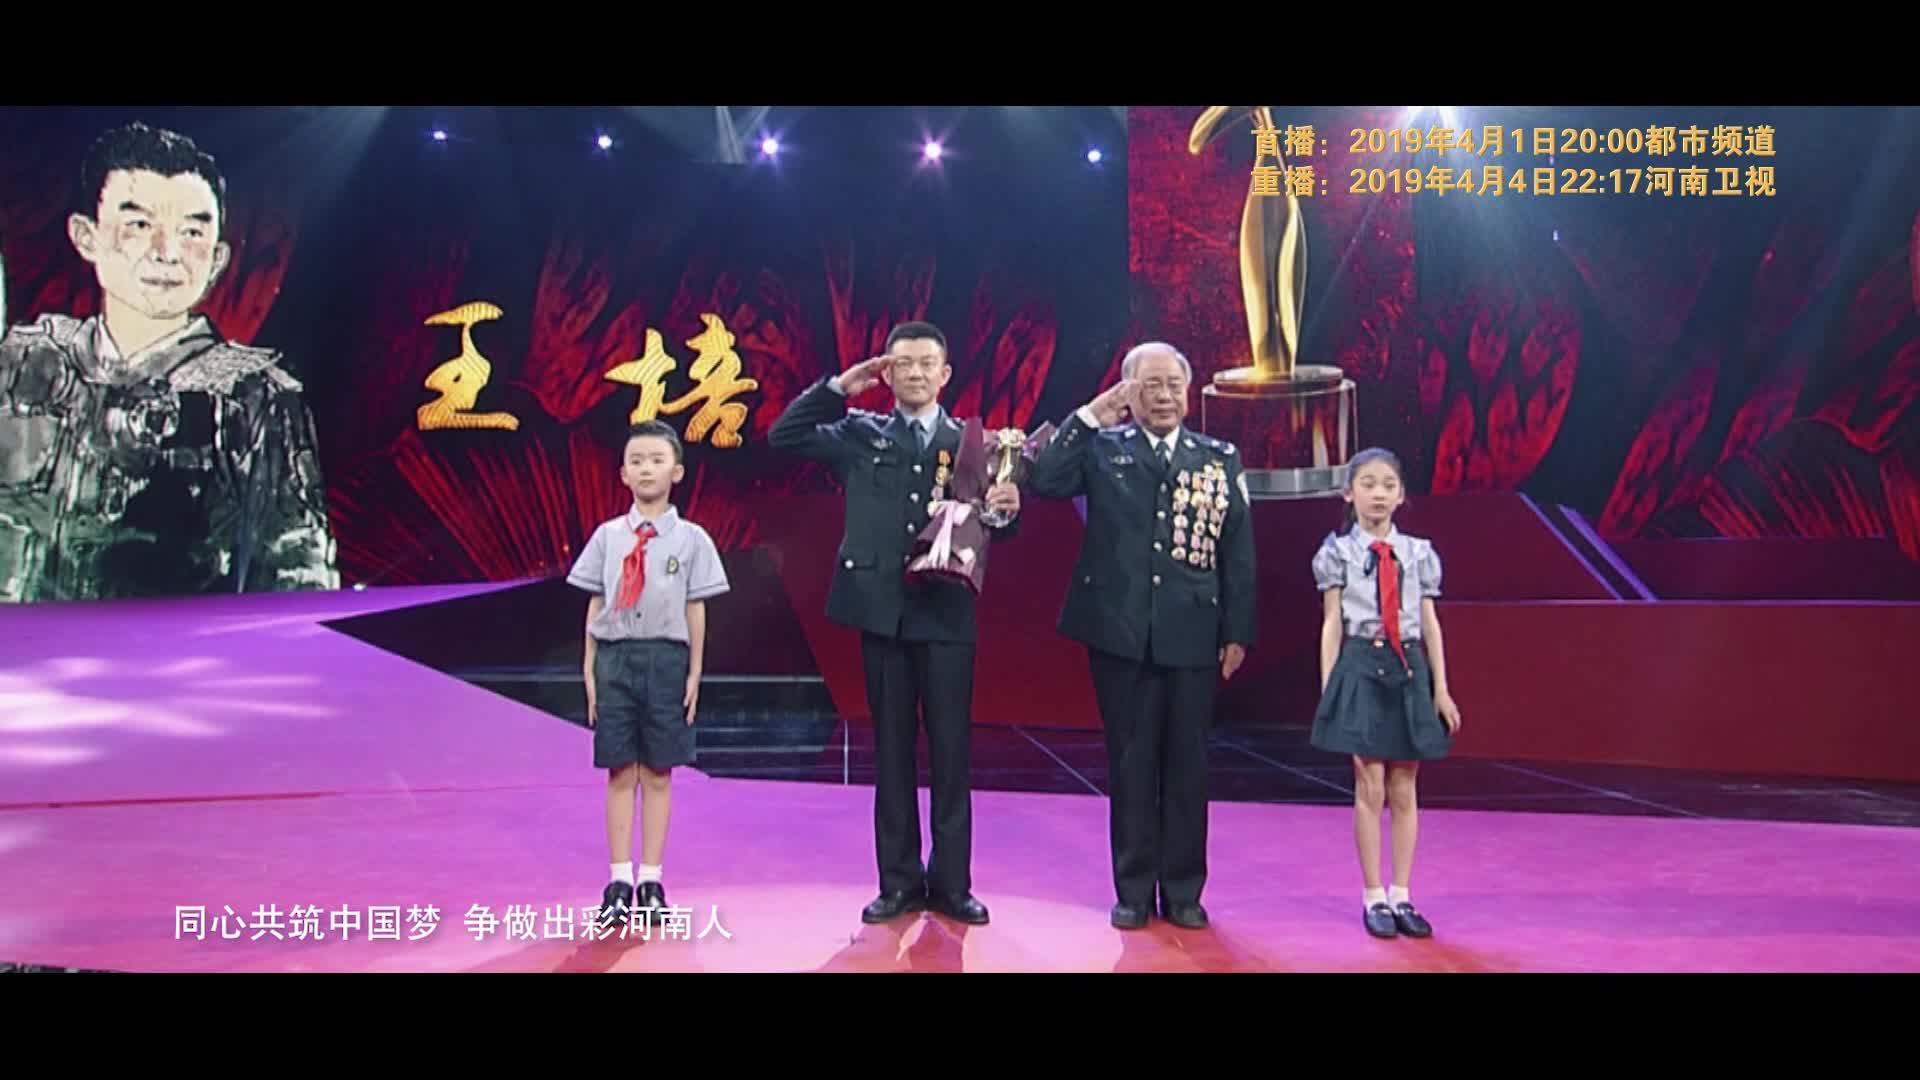 """2018""""感动中原""""十大年度人物颁奖典礼预告片"""